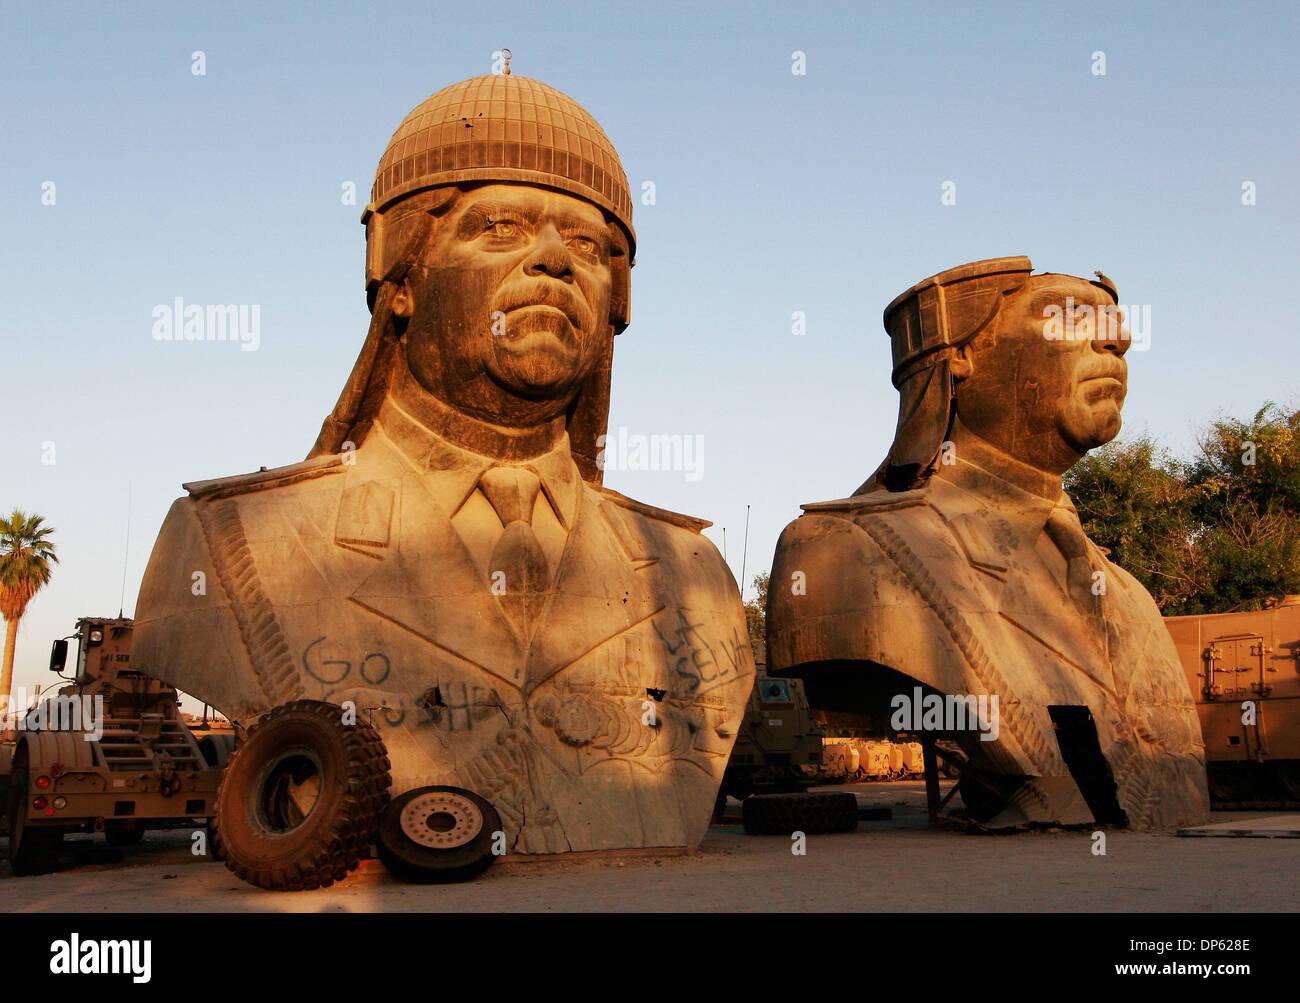 4. Juni 2006; Bagdad, Irak; Gestürzte 20-Fuß-Statuen von Saddam Hussein, genommen von einem der Paläste der ehemaligen irakischen Präsidenten, sitzen in einem Lagerpartie in Bagdads Green Zone 4. Juni 2006.  Obligatorische Credit: Foto von David Honl/ZUMA Press. (©) Copyright 2006 von David Honl Stockbild